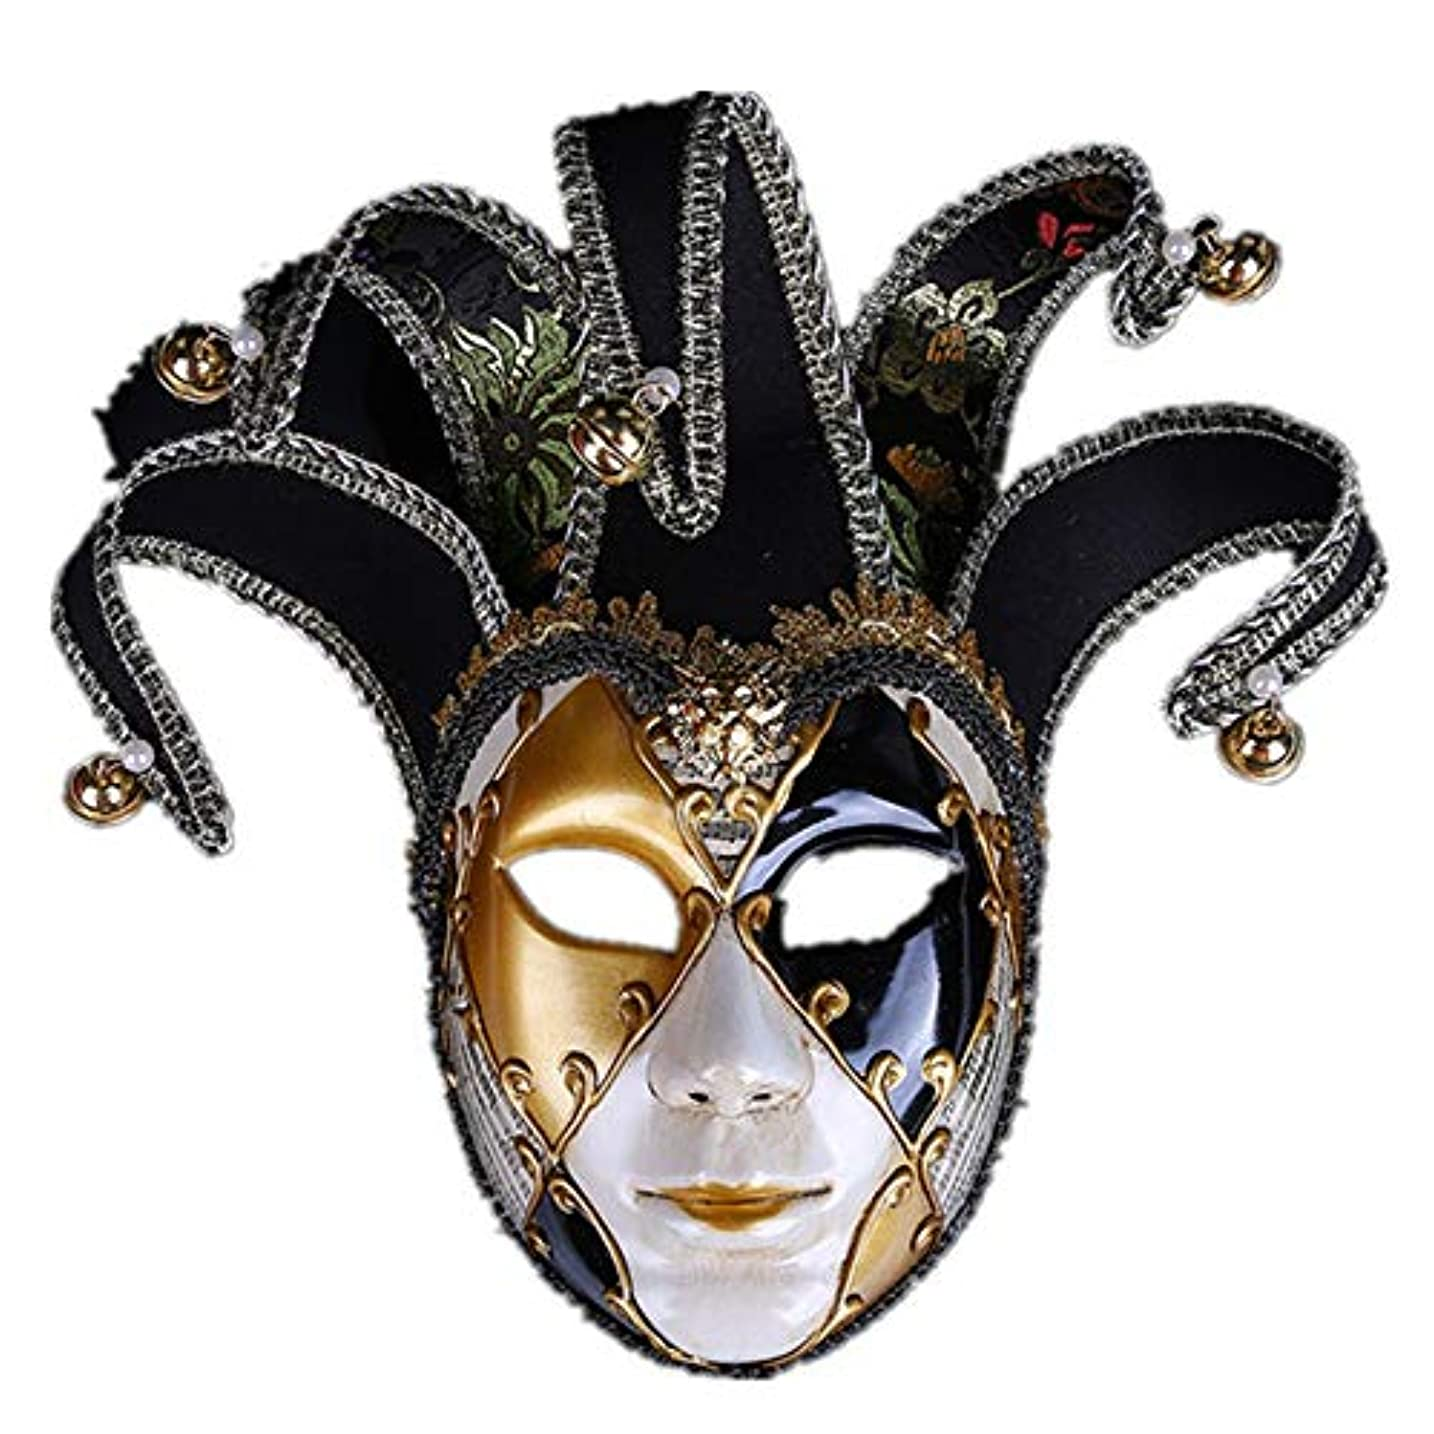 ジャングル割り当てます走るダンスマスク ハロウィーンパフォーマンスパフォーマンスマスクマスカレード雰囲気用品クリスマスホリデーパーティーボールハロウィーンカーニバル パーティーマスク (色 : ブラック, サイズ : 45x15.8cm)